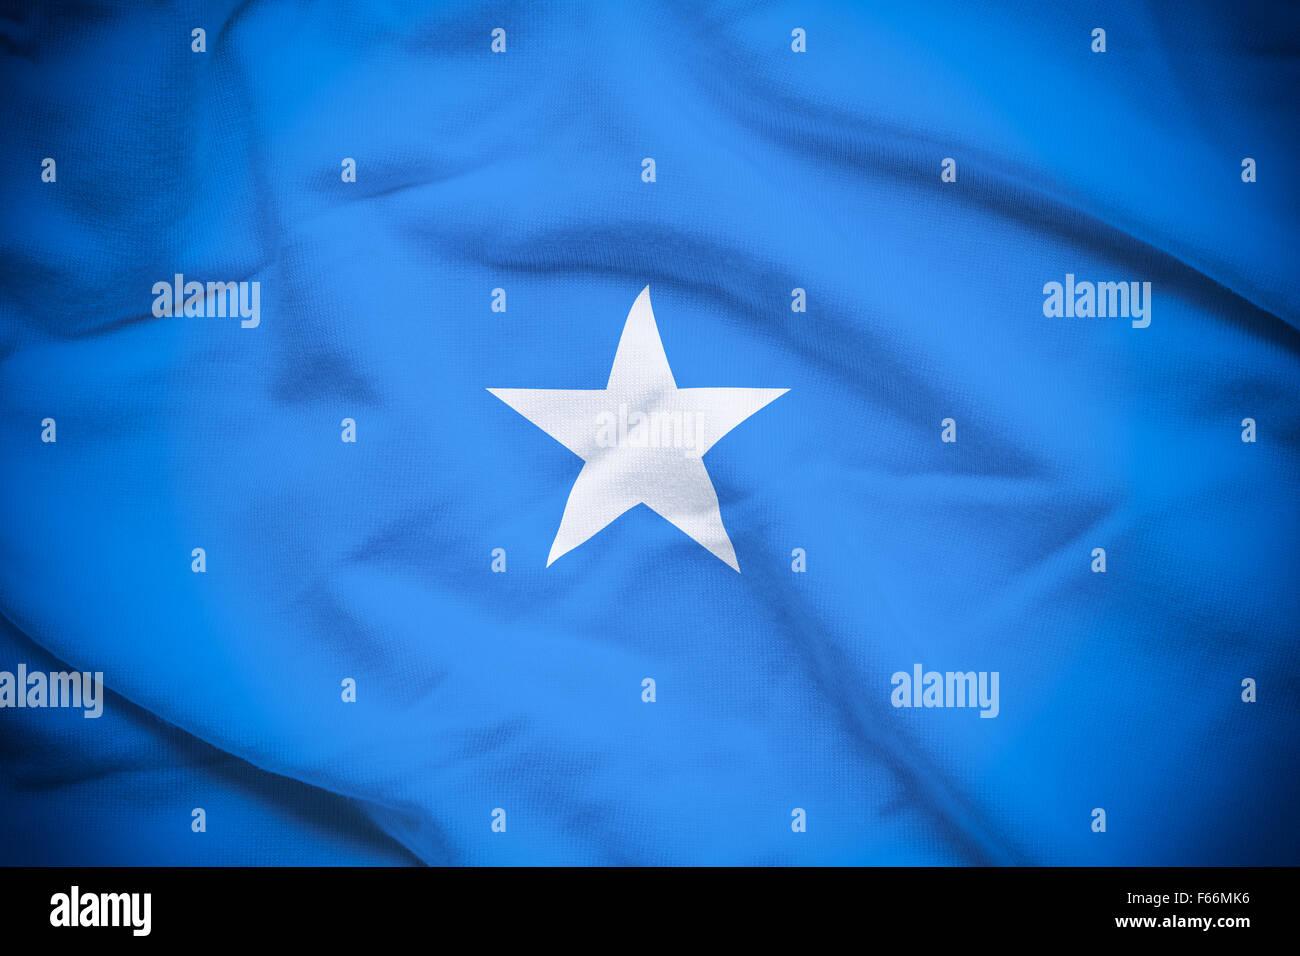 Wavy and rippled national flag of Somalia background. - Stock Image